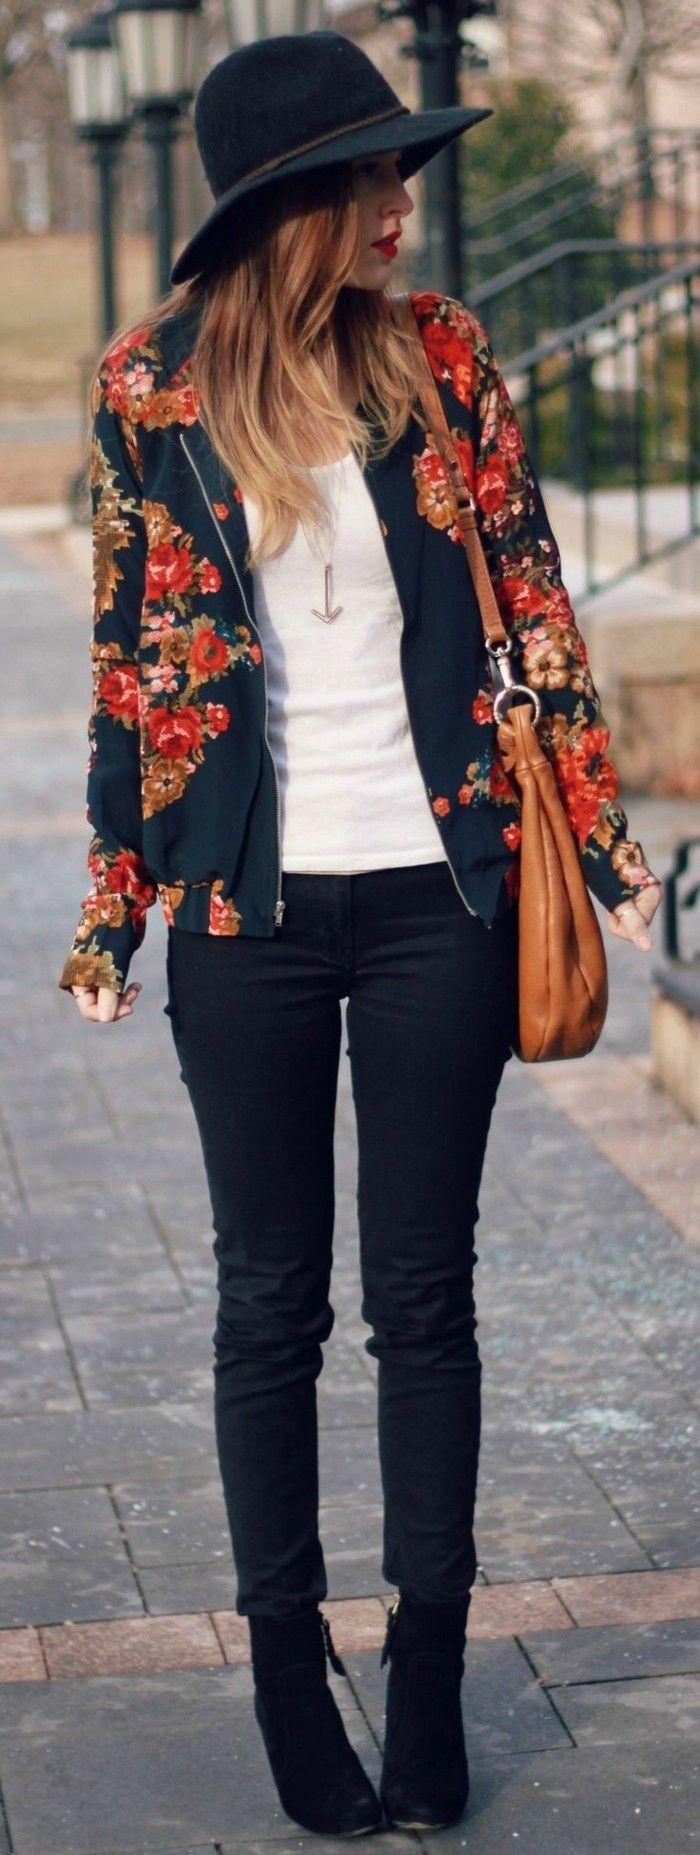 Filzhut damen jacke mode damen